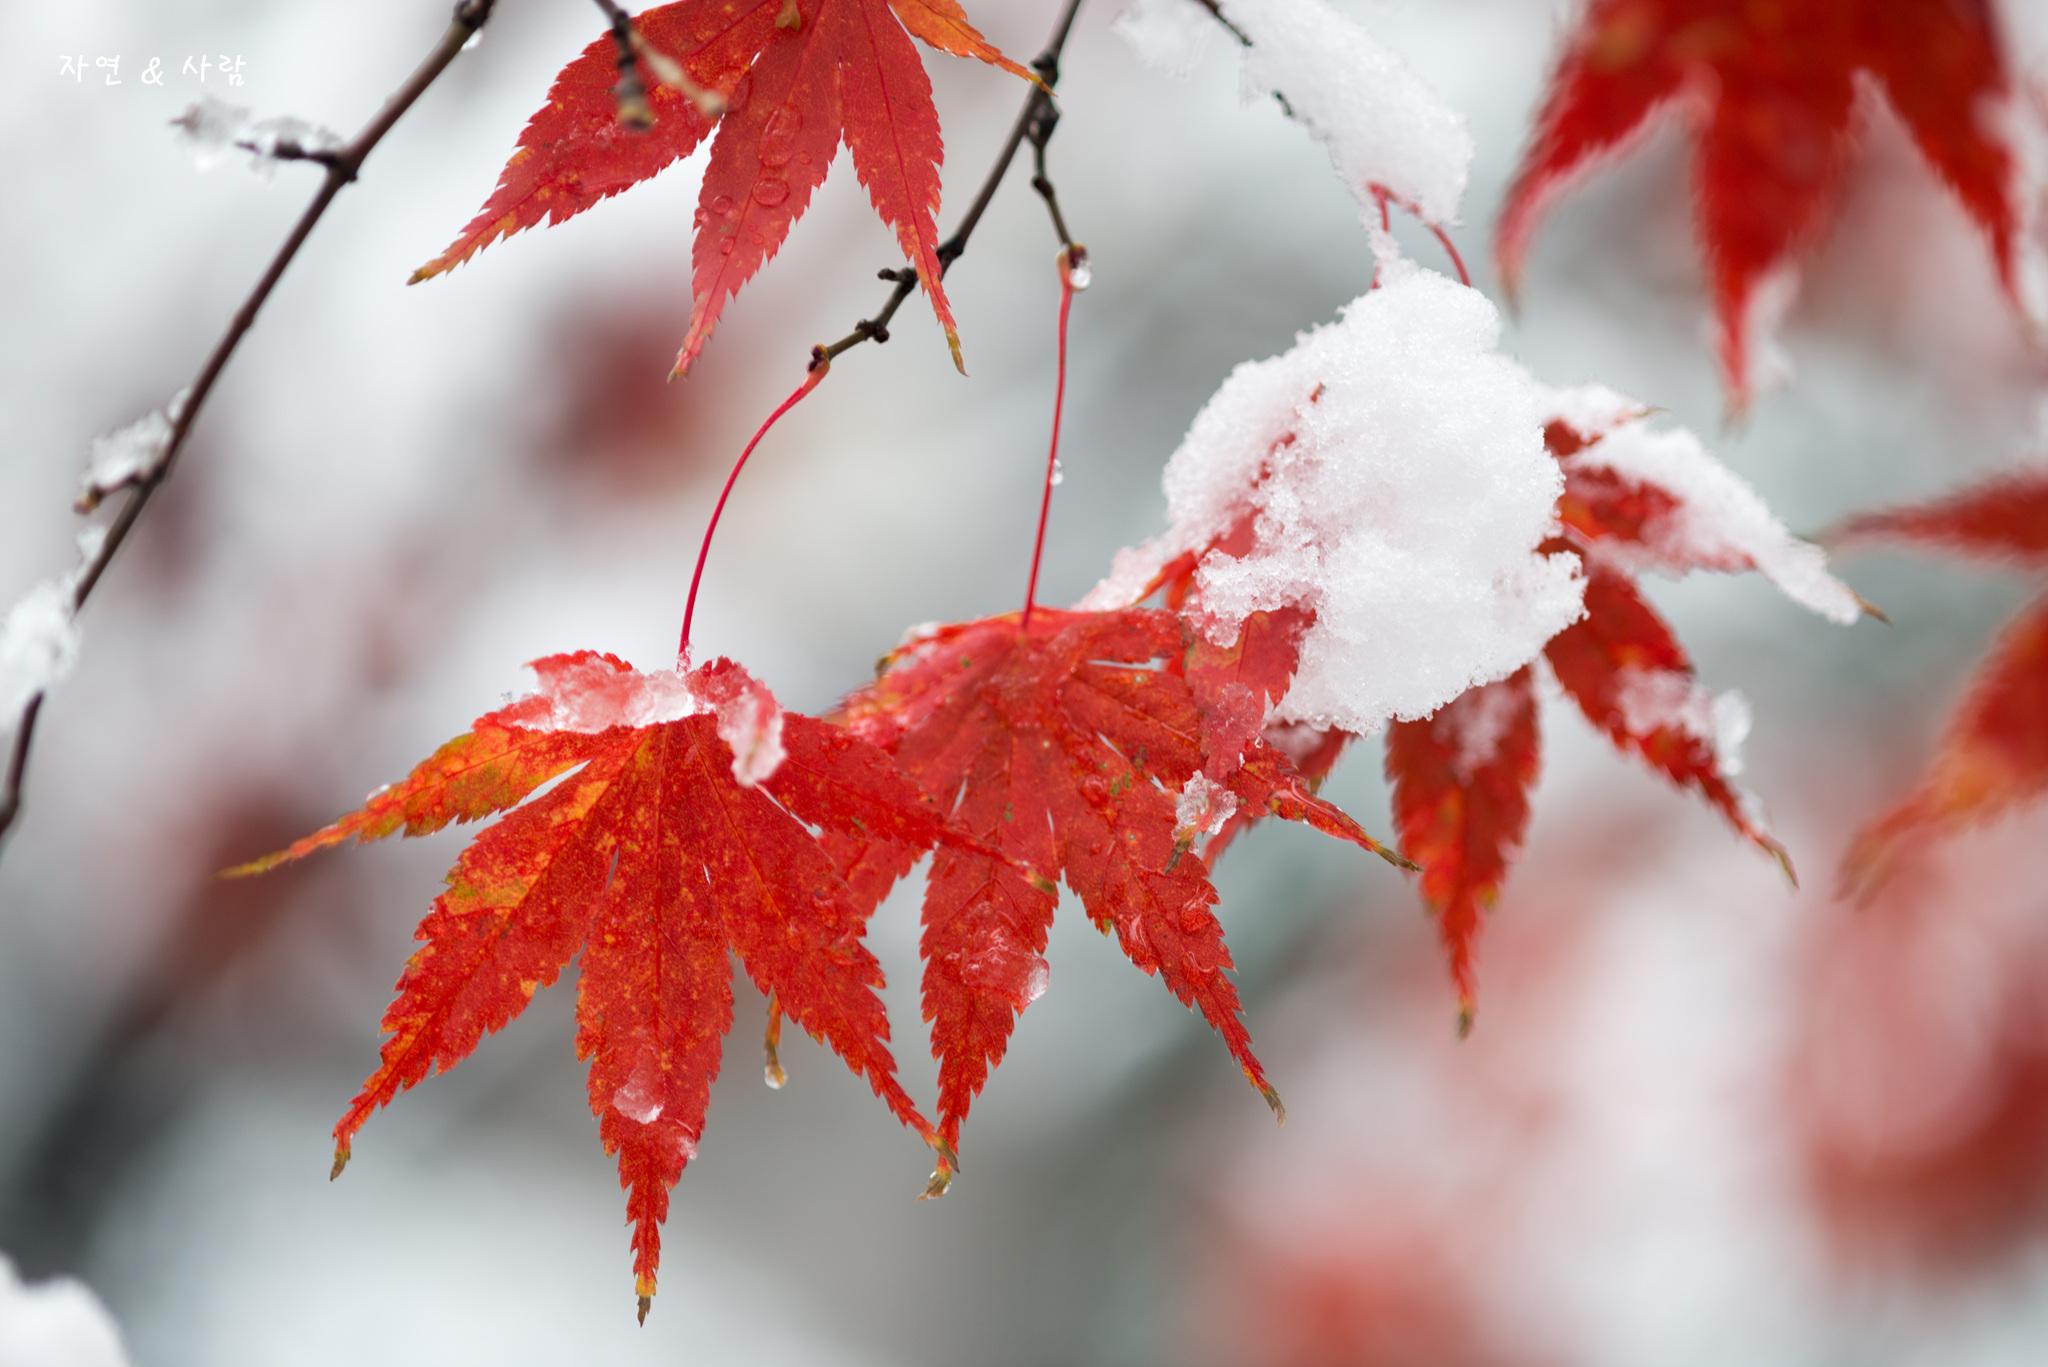 늦가을날의 눈 ('18년 11월 24일)